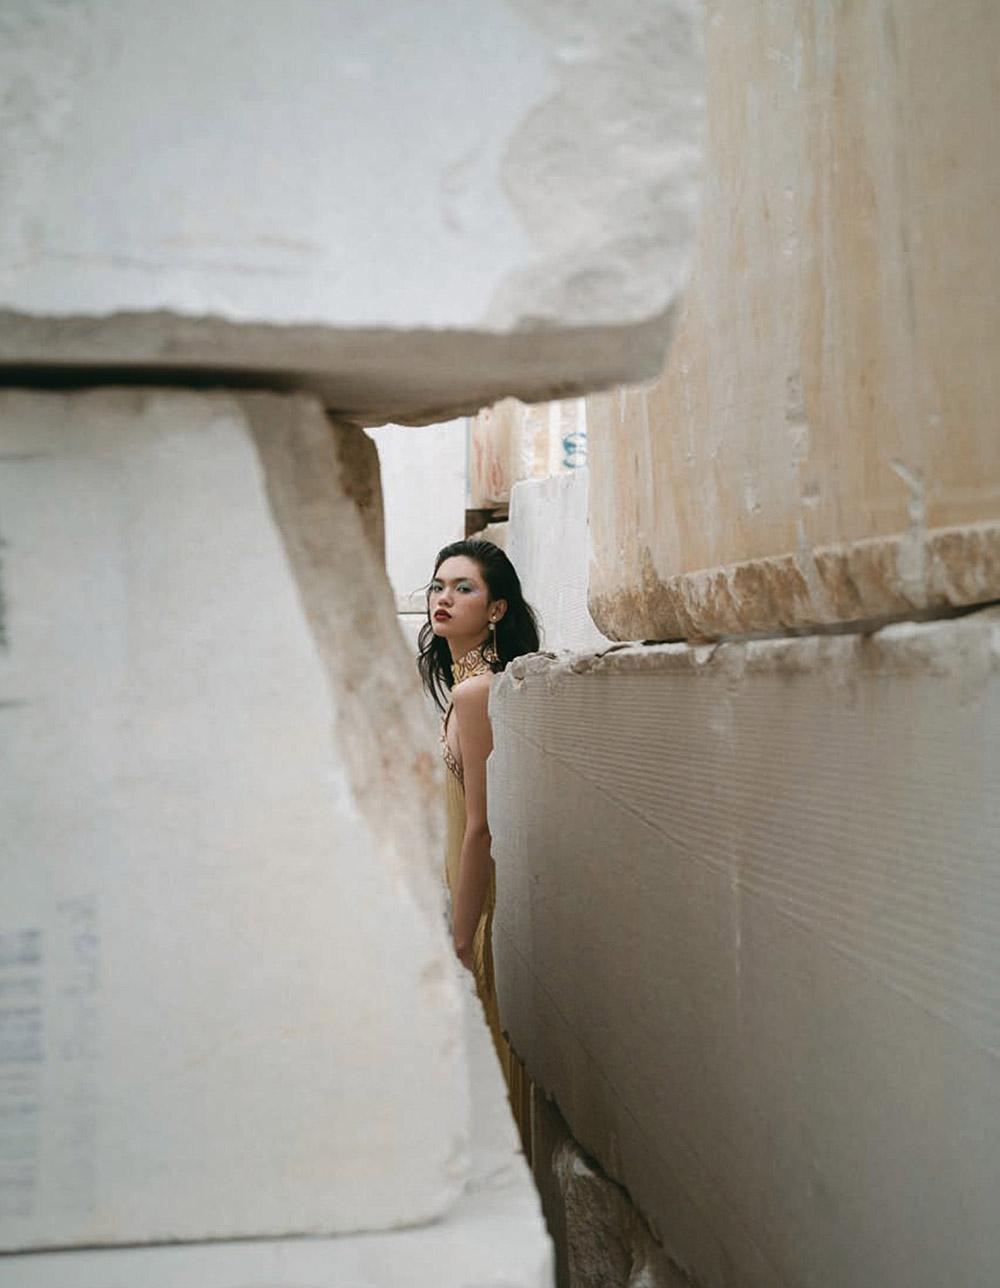 Qun Ye by Xiaowei Xu for Vogue China November 2020